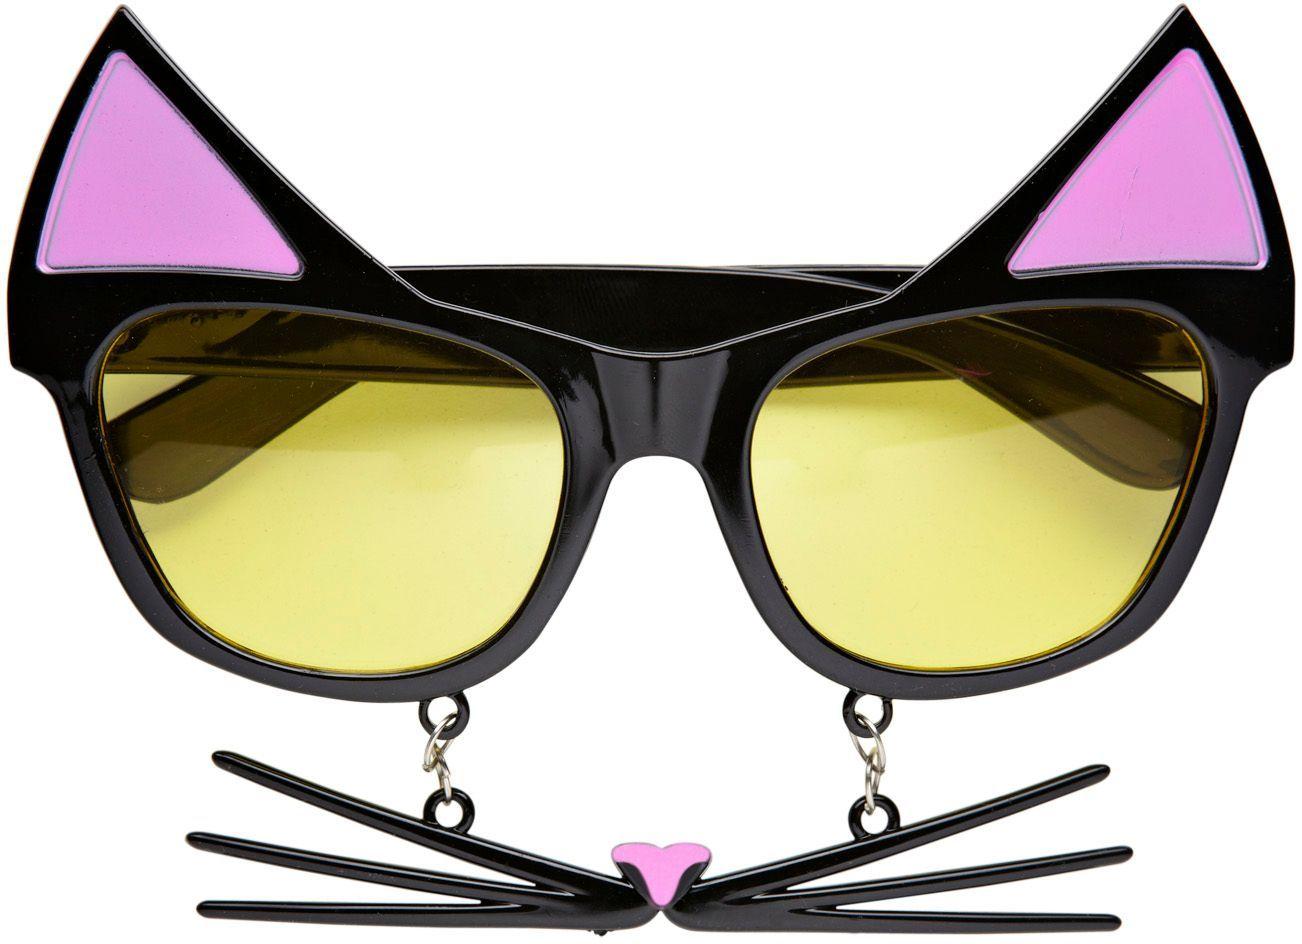 Katten bril met snorharen